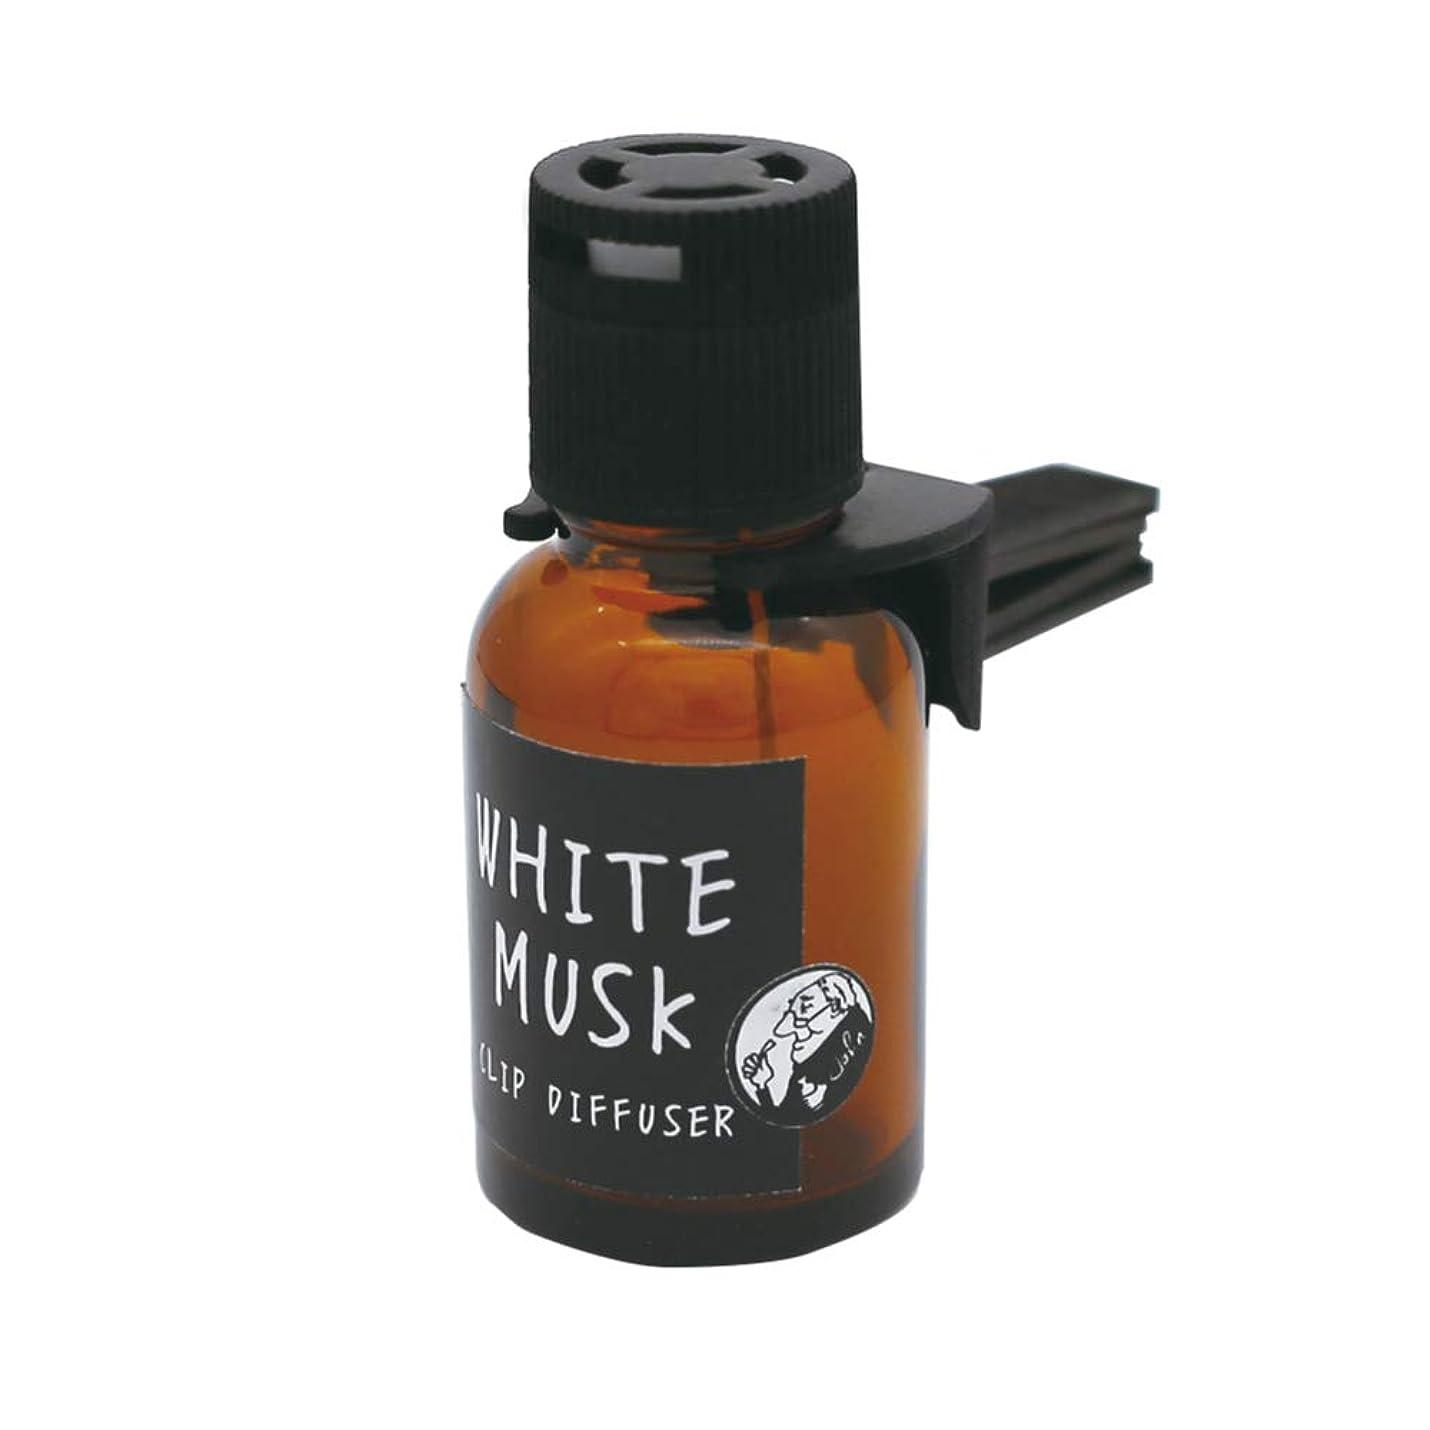 最大のむしゃむしゃ熱意ノルコーポレーション John's Blend 車用芳香剤 クリップディフューザー OA-JON-20-1 ホワイトムスクの香り 18ml